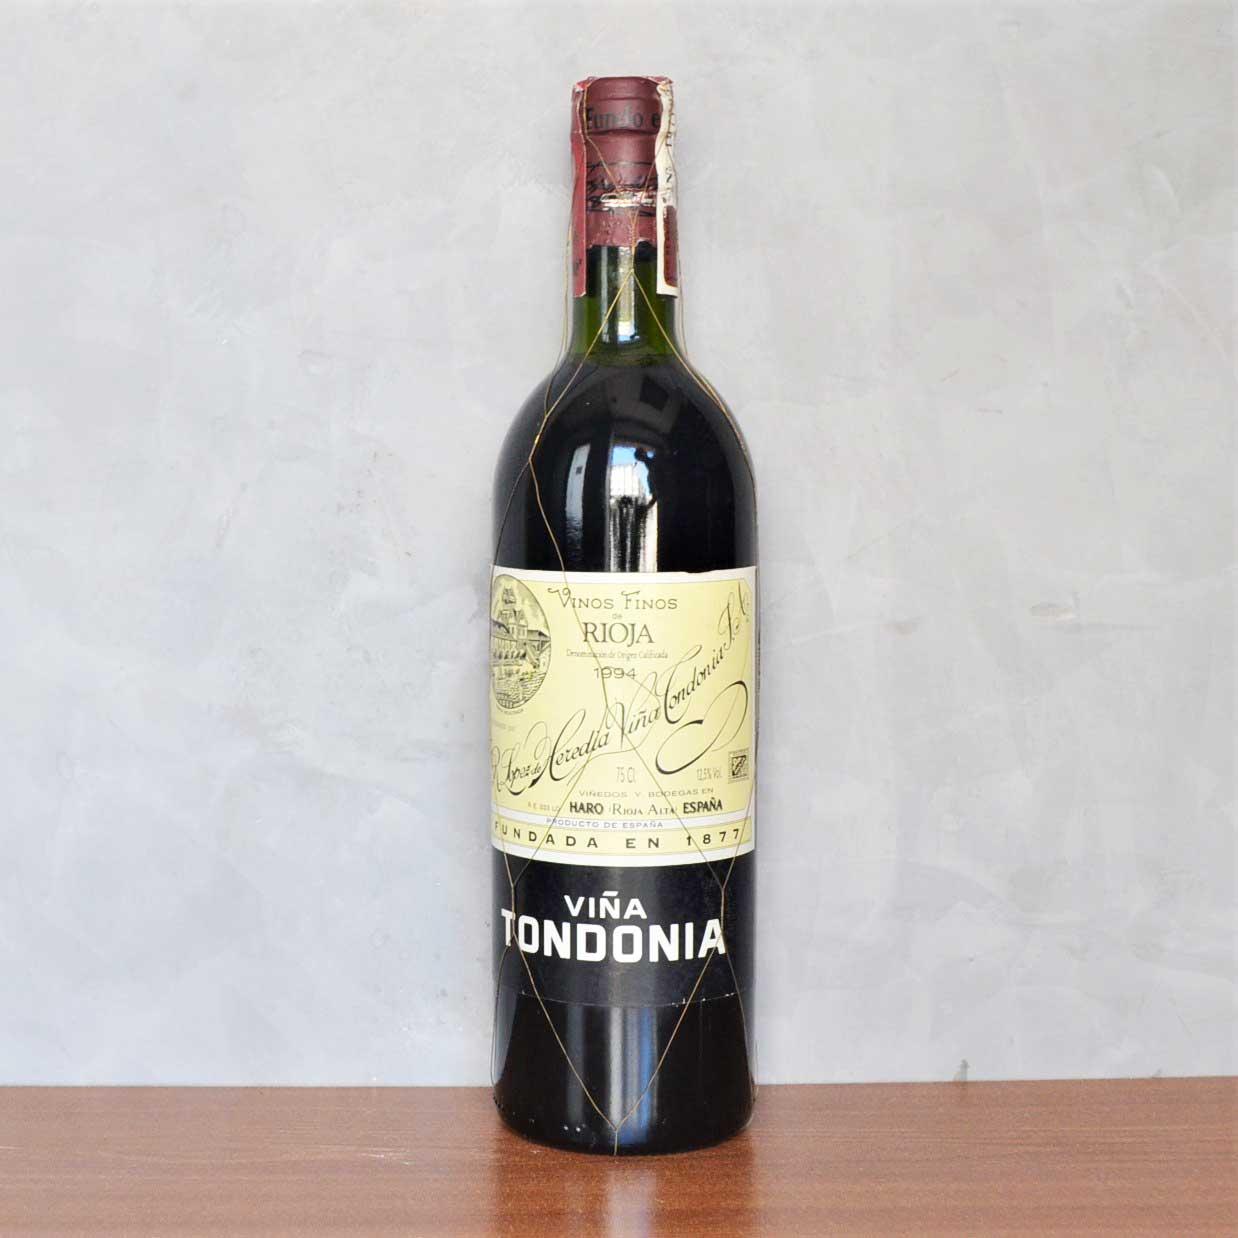 Viña Tondonia Reserva 1994